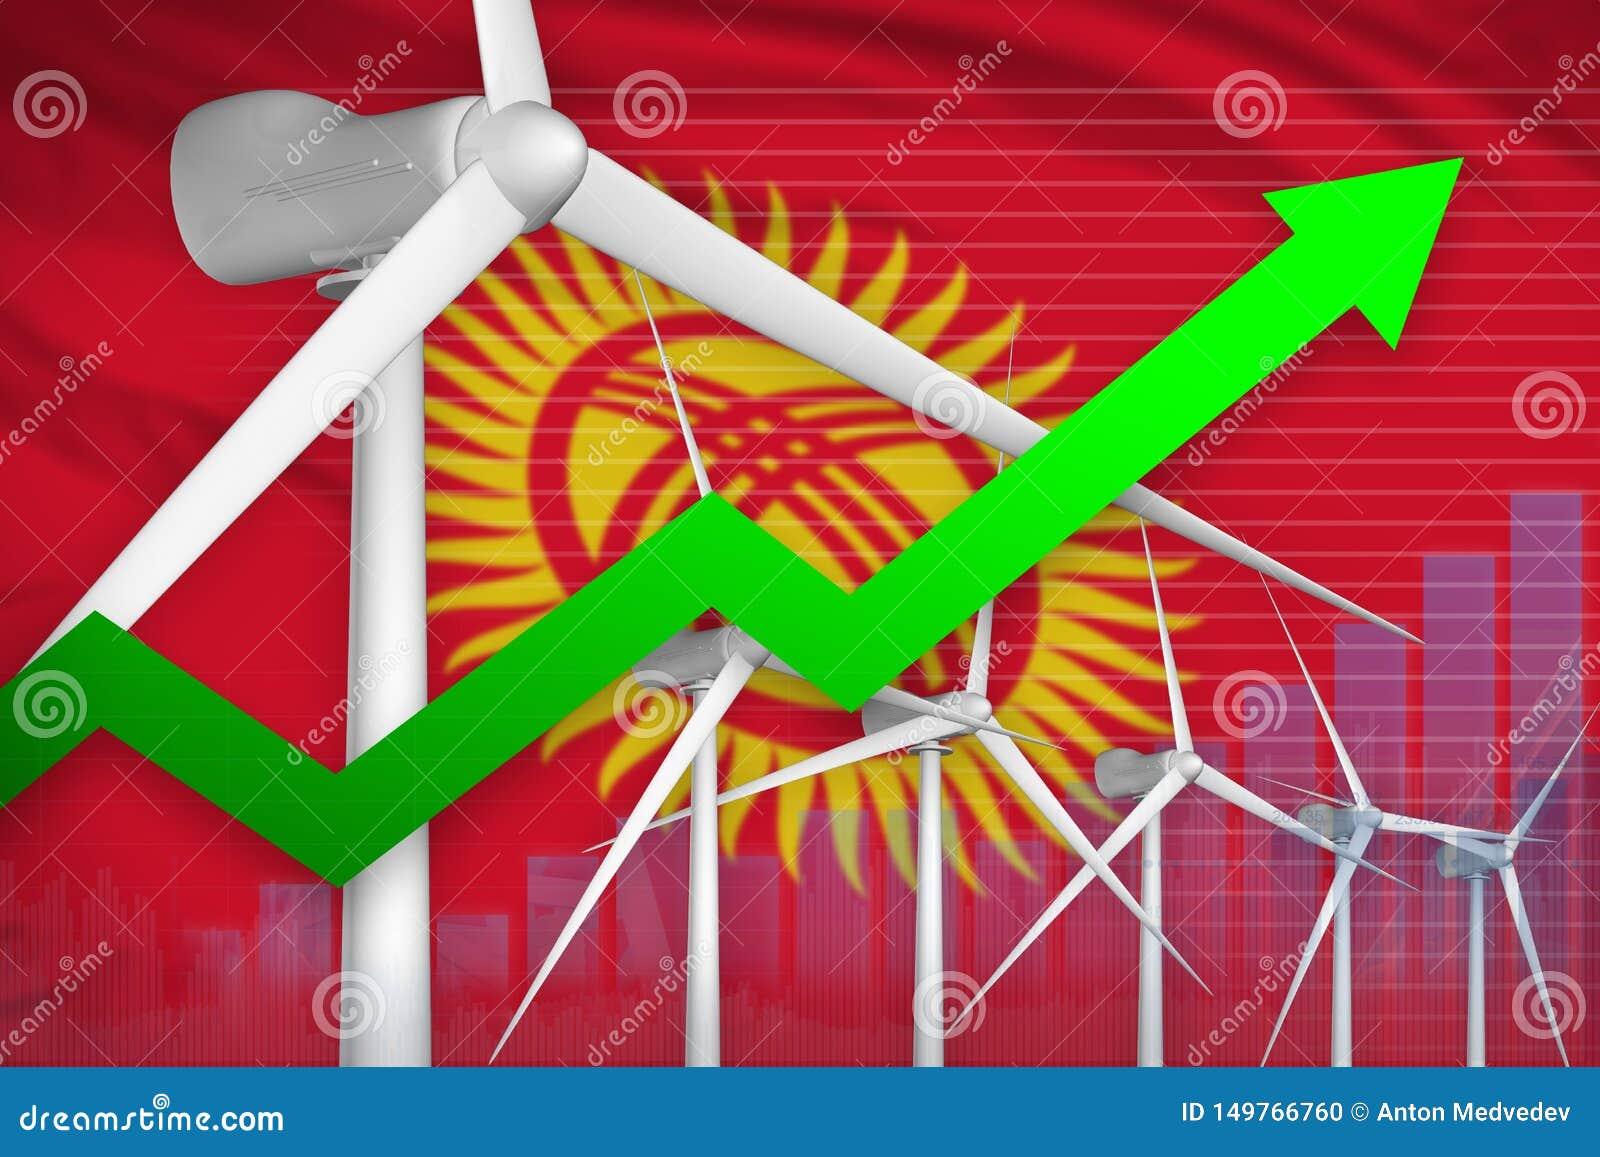 吉尔吉斯斯坦风能力量上升的图,-供选择的自然能工业例证的箭头 3d??